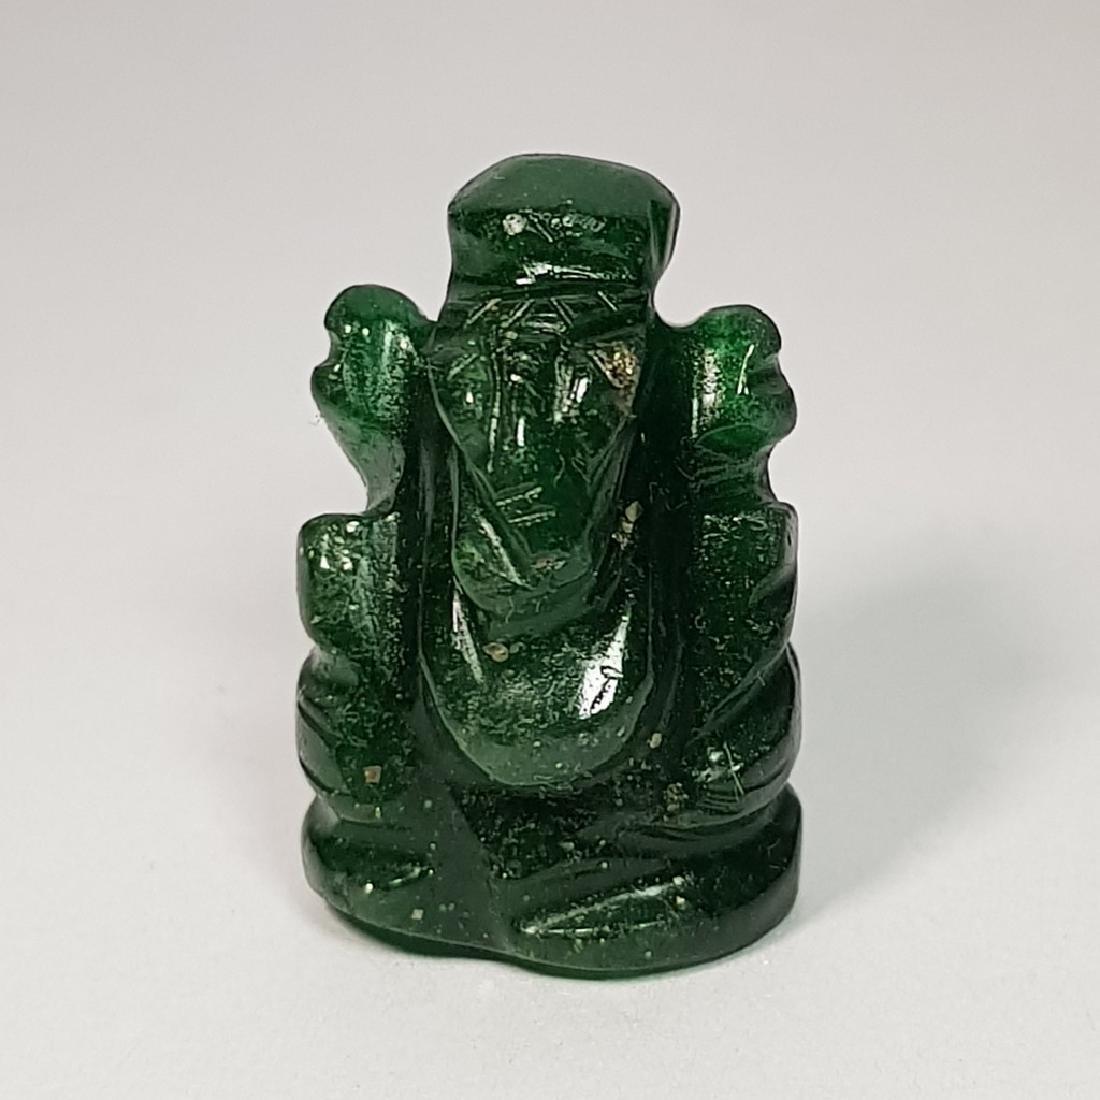 Jade Lord Ganesha Carving - 29.54 ct - 2